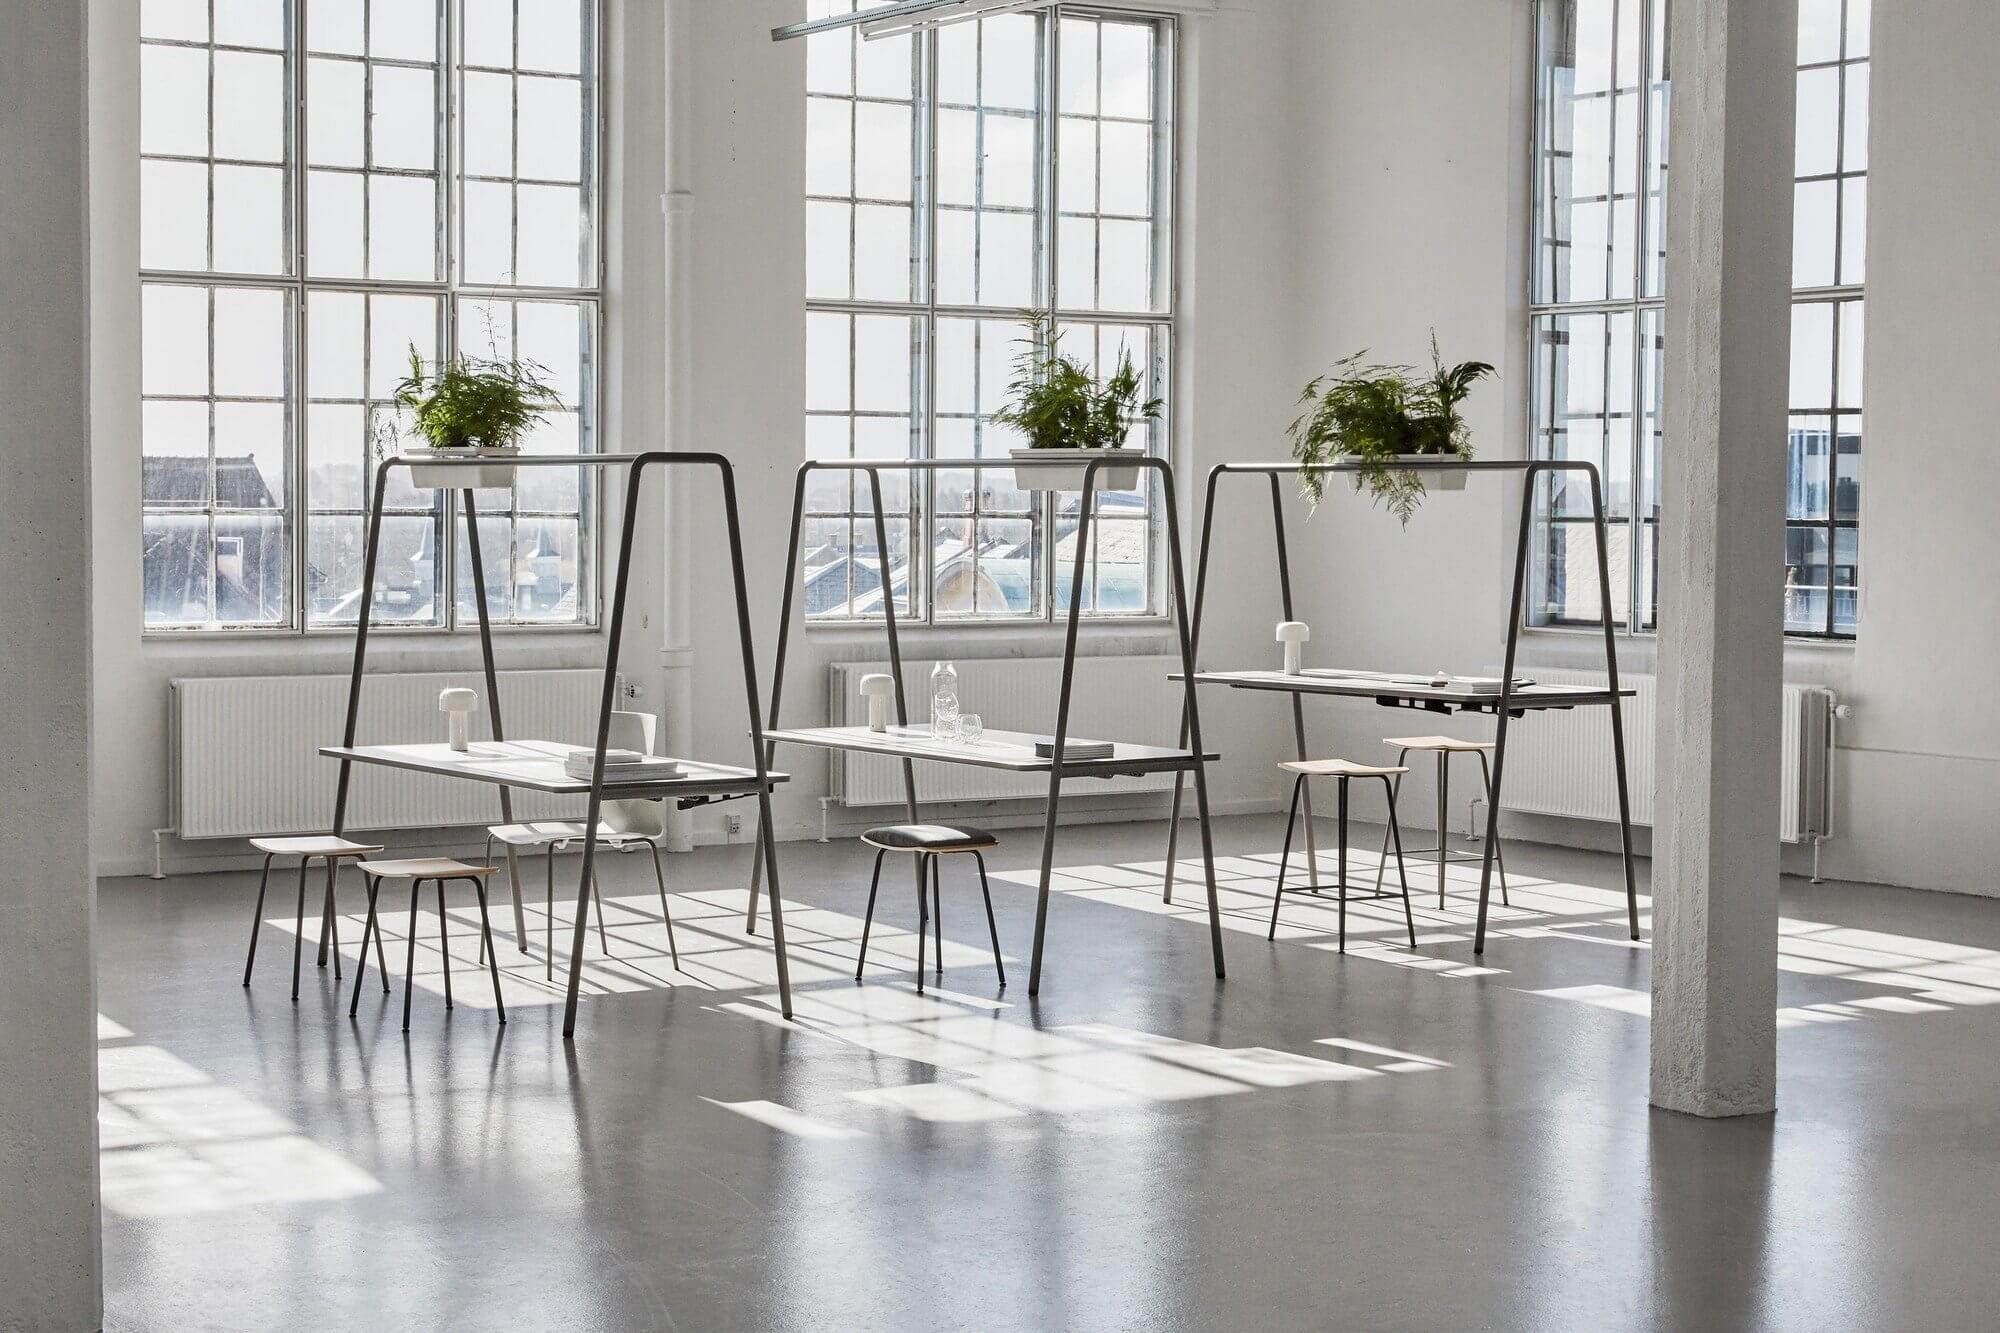 Table arche avec jardinière de plantes, pour les espaces de coworking.